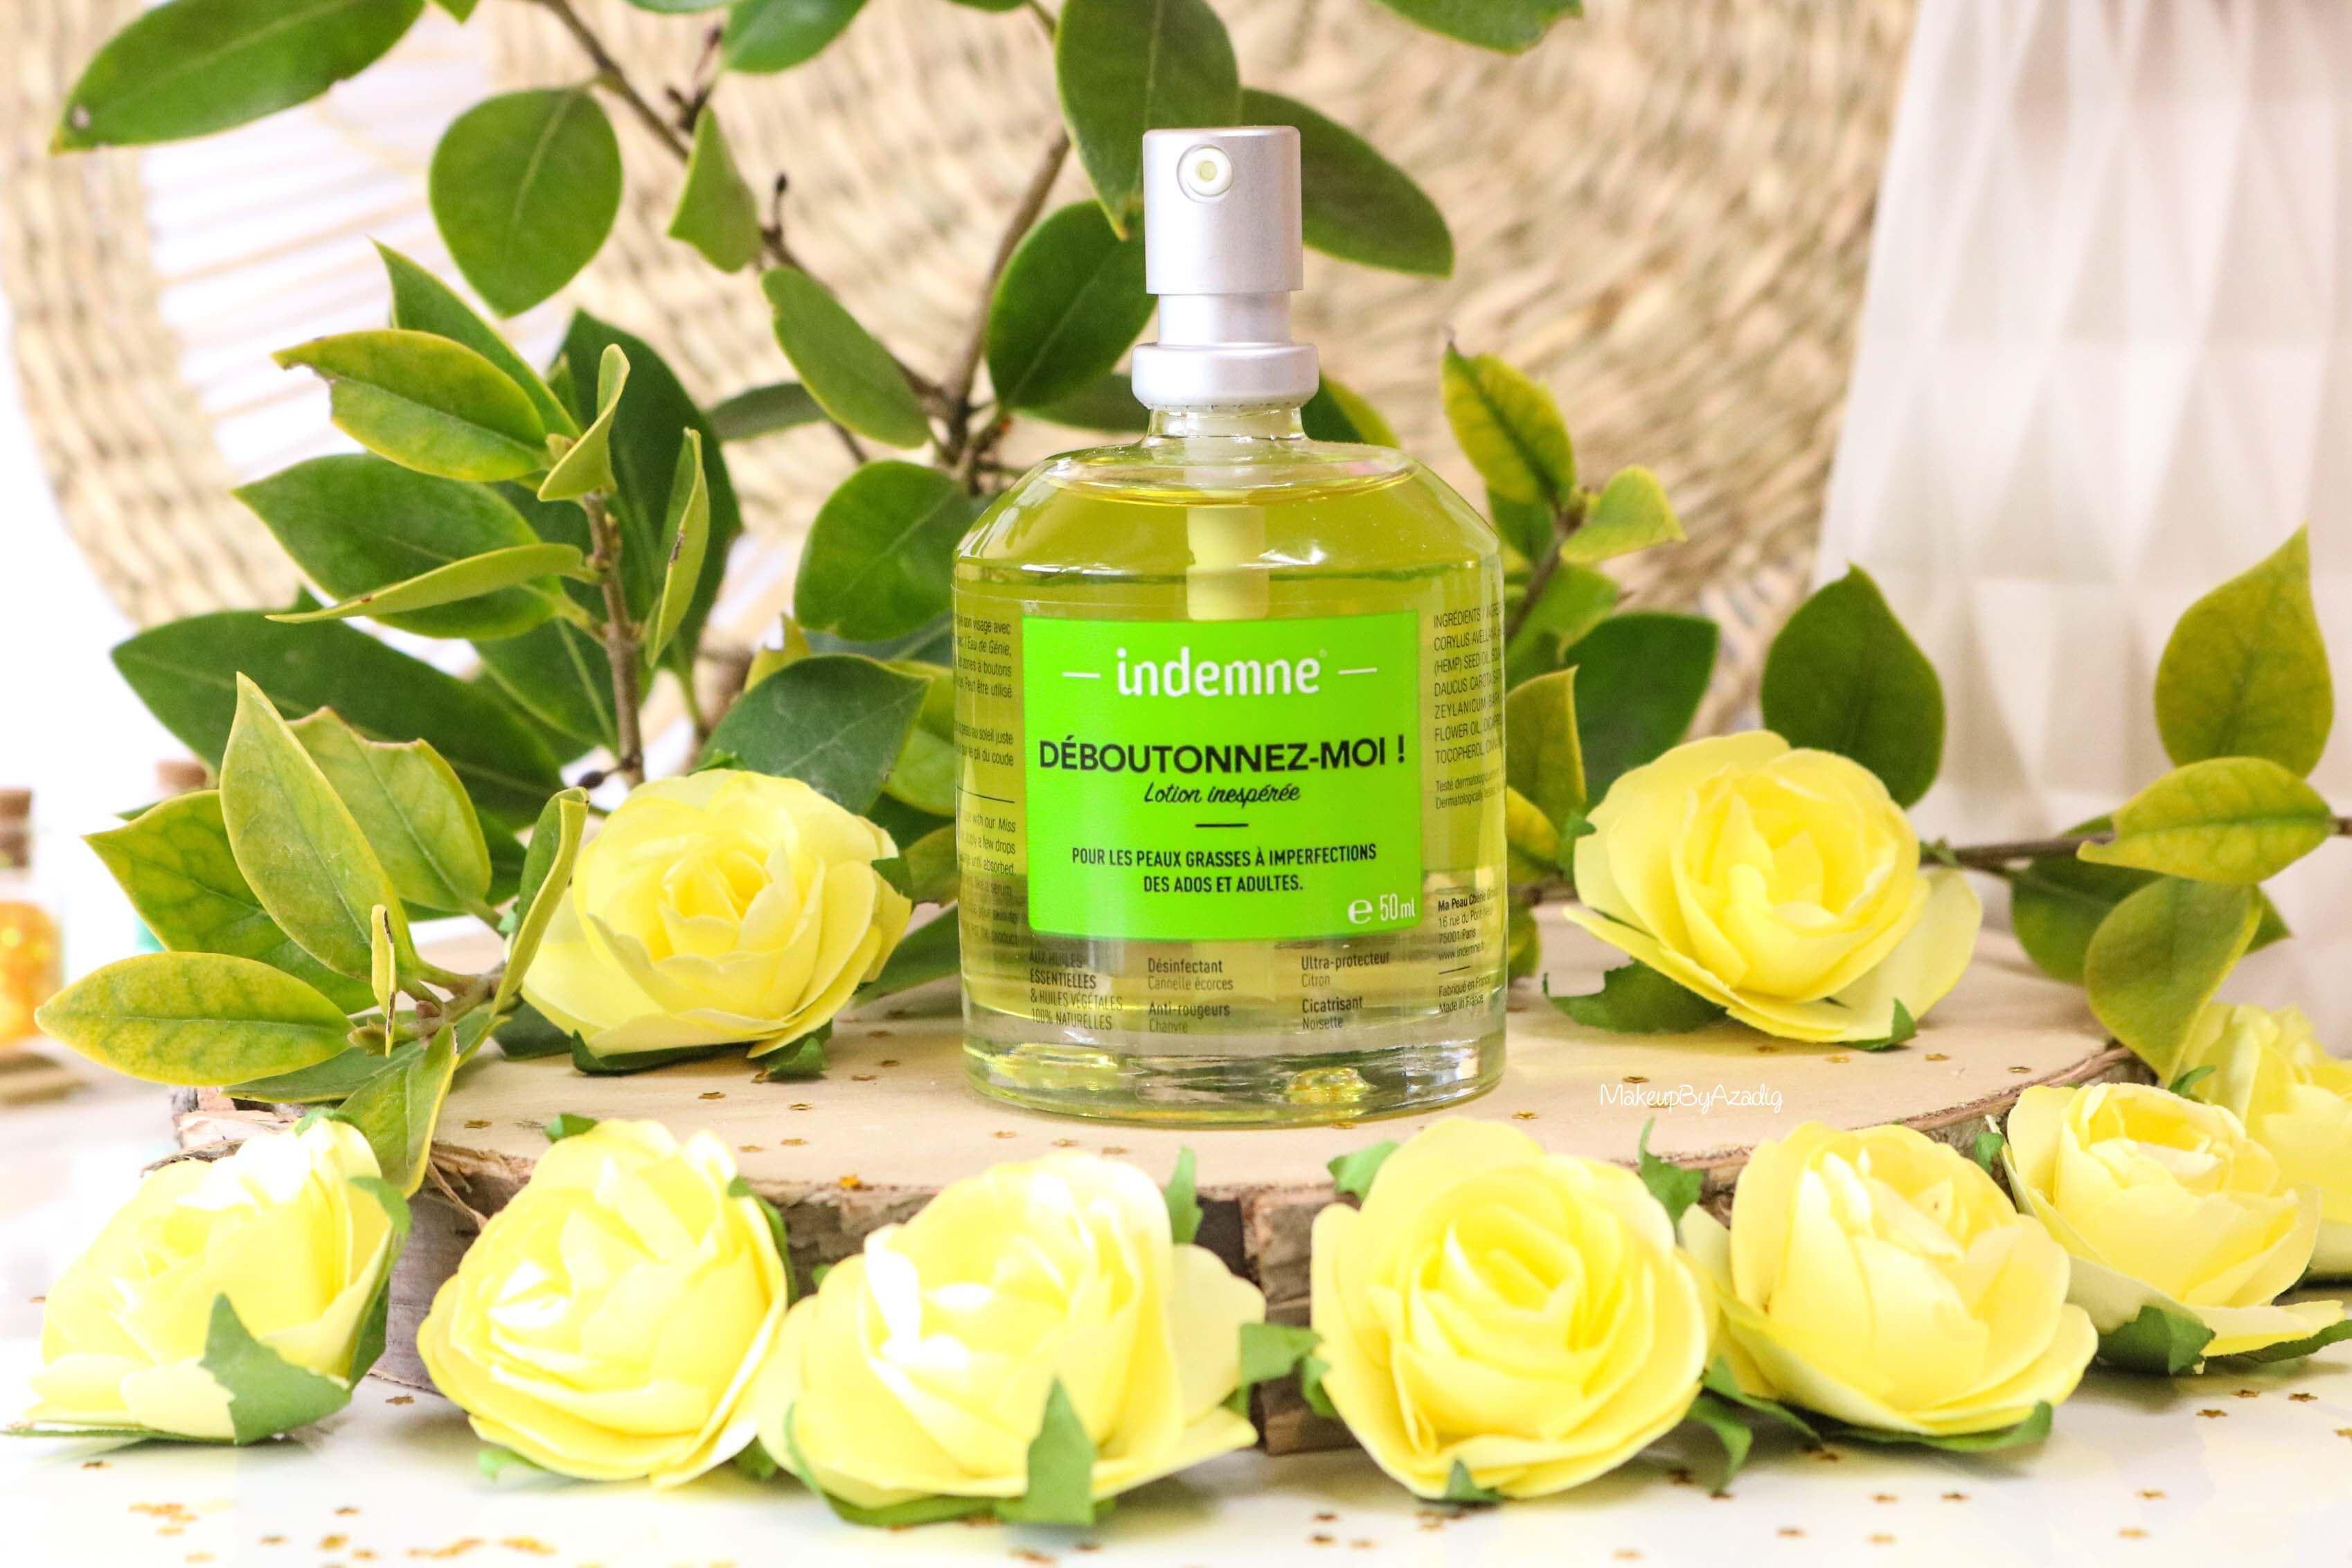 revue-deboutonnez-moi-indemne-produit-acnee-bio-huiles-parapharmacie-prix-avis-makeupbyazadig-partenariat